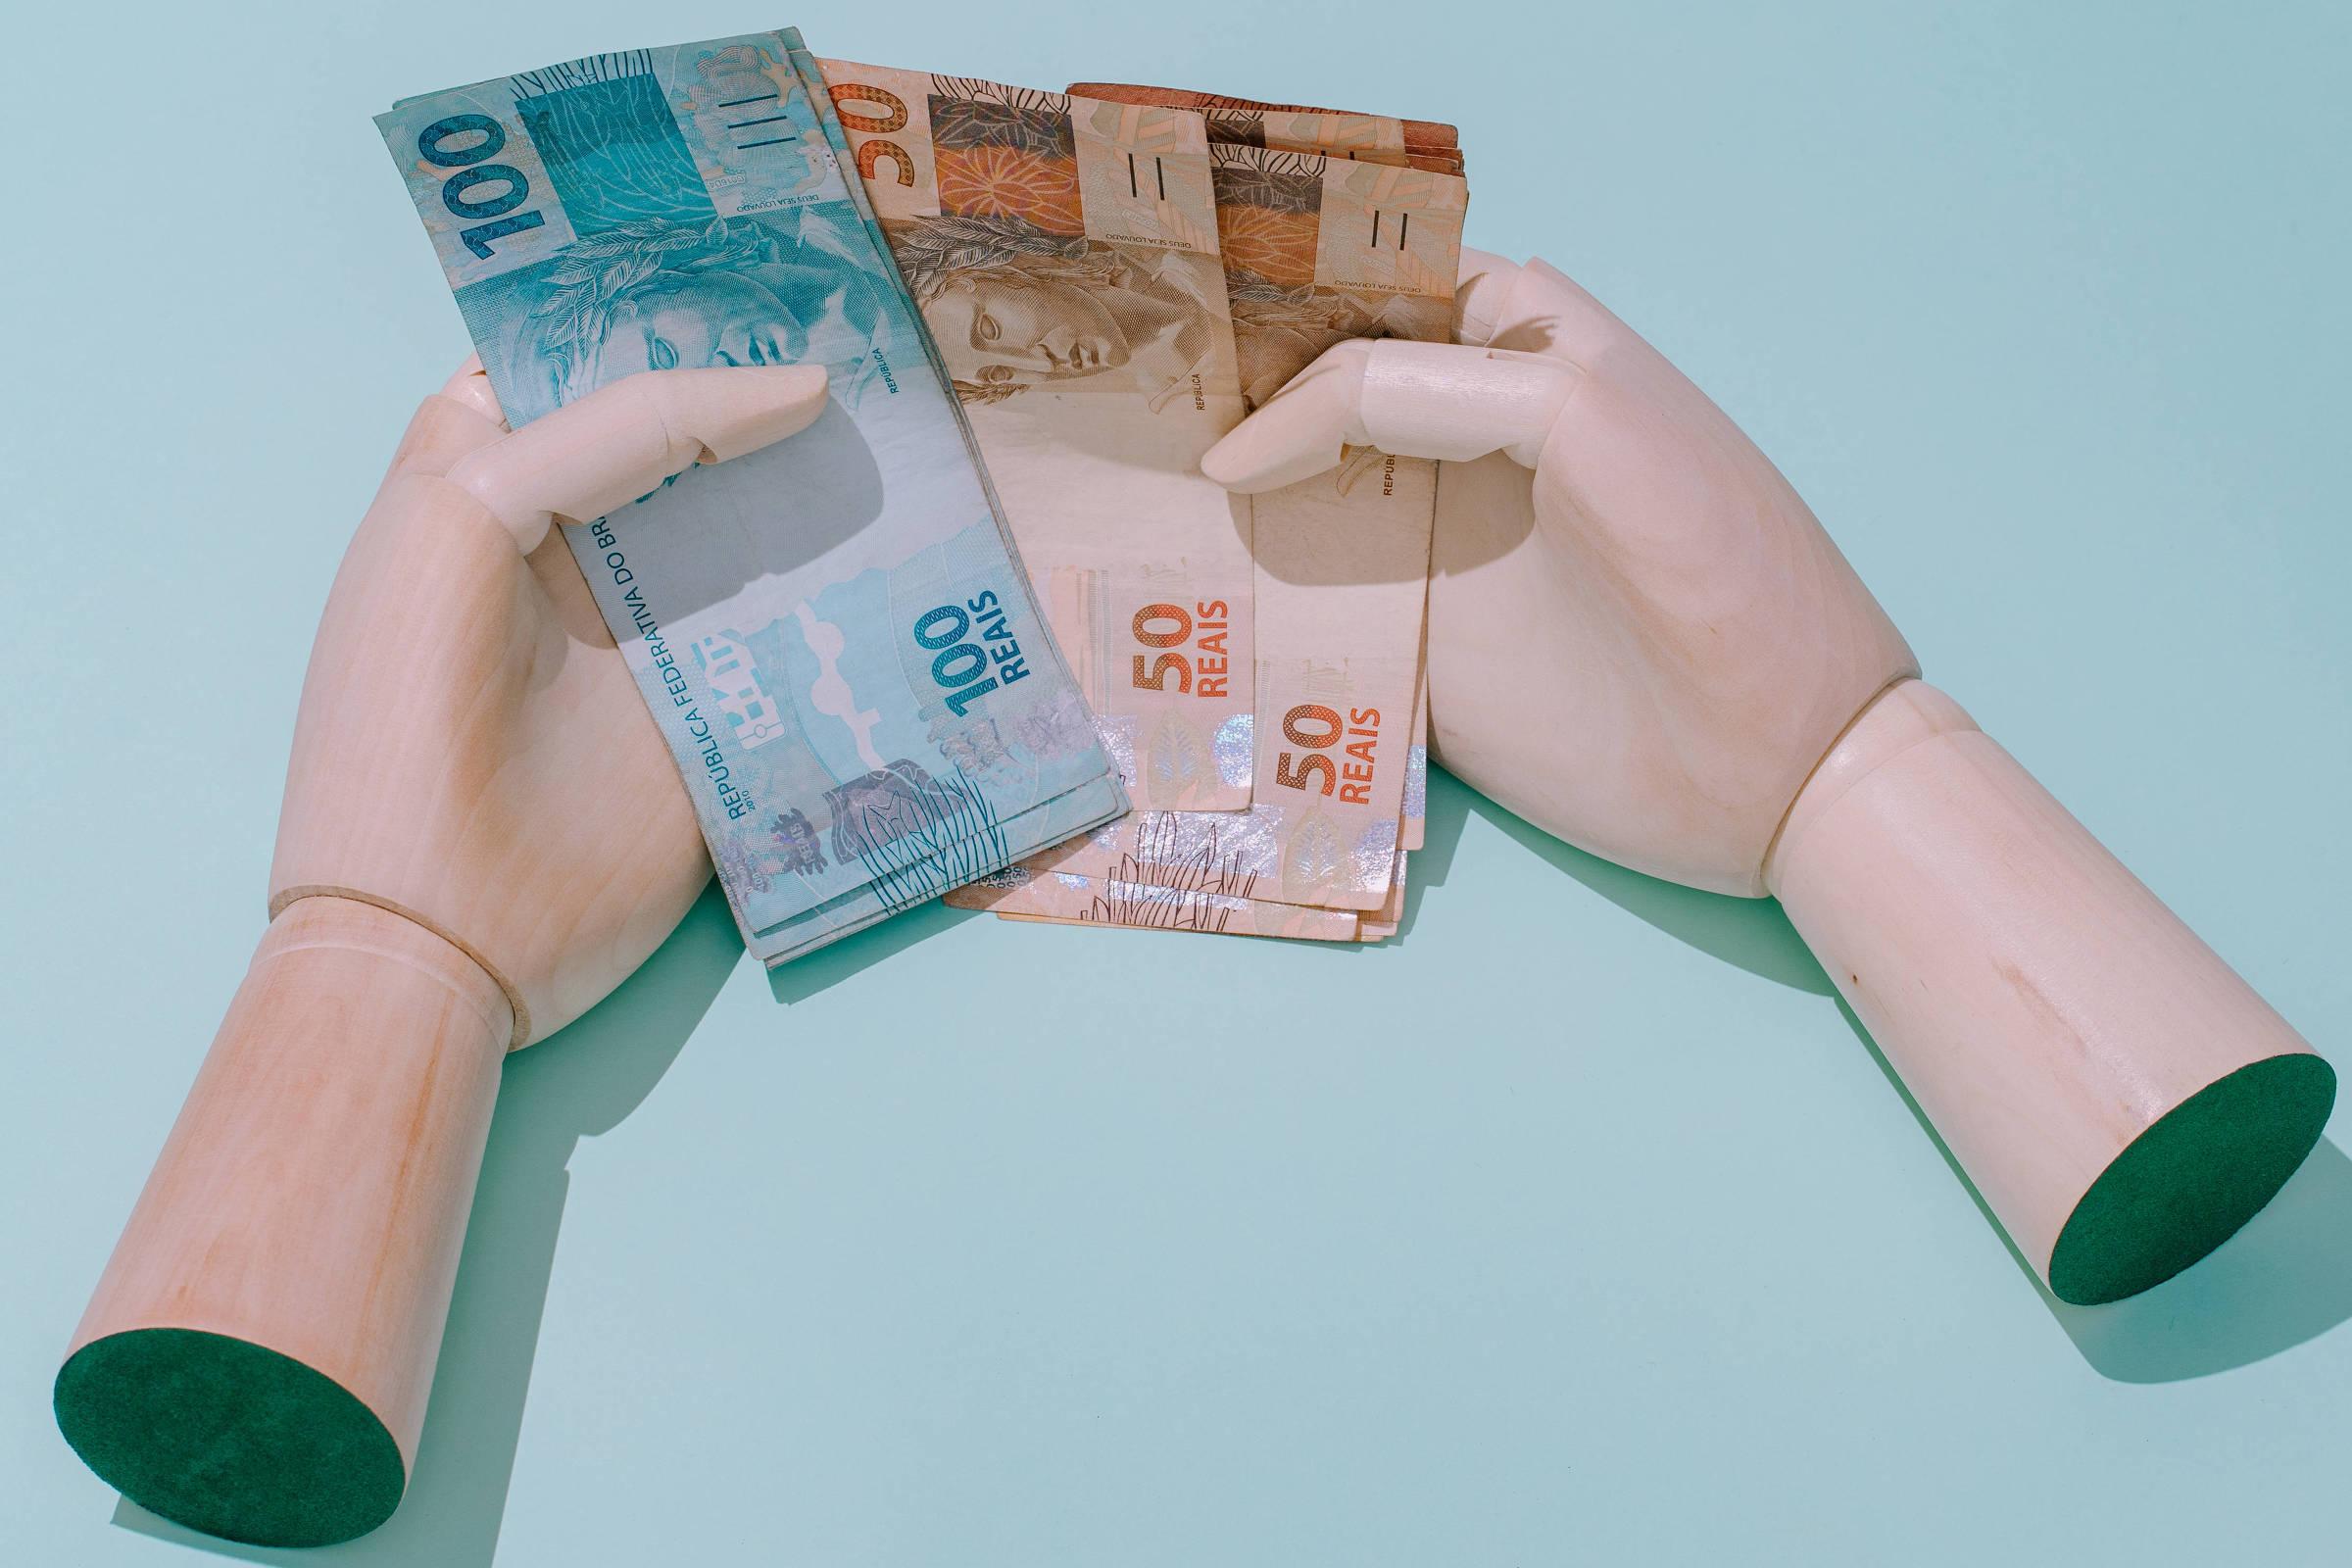 Guedes quer avaliação de serviço por cidadão para funcionário público ganhar estabilidade